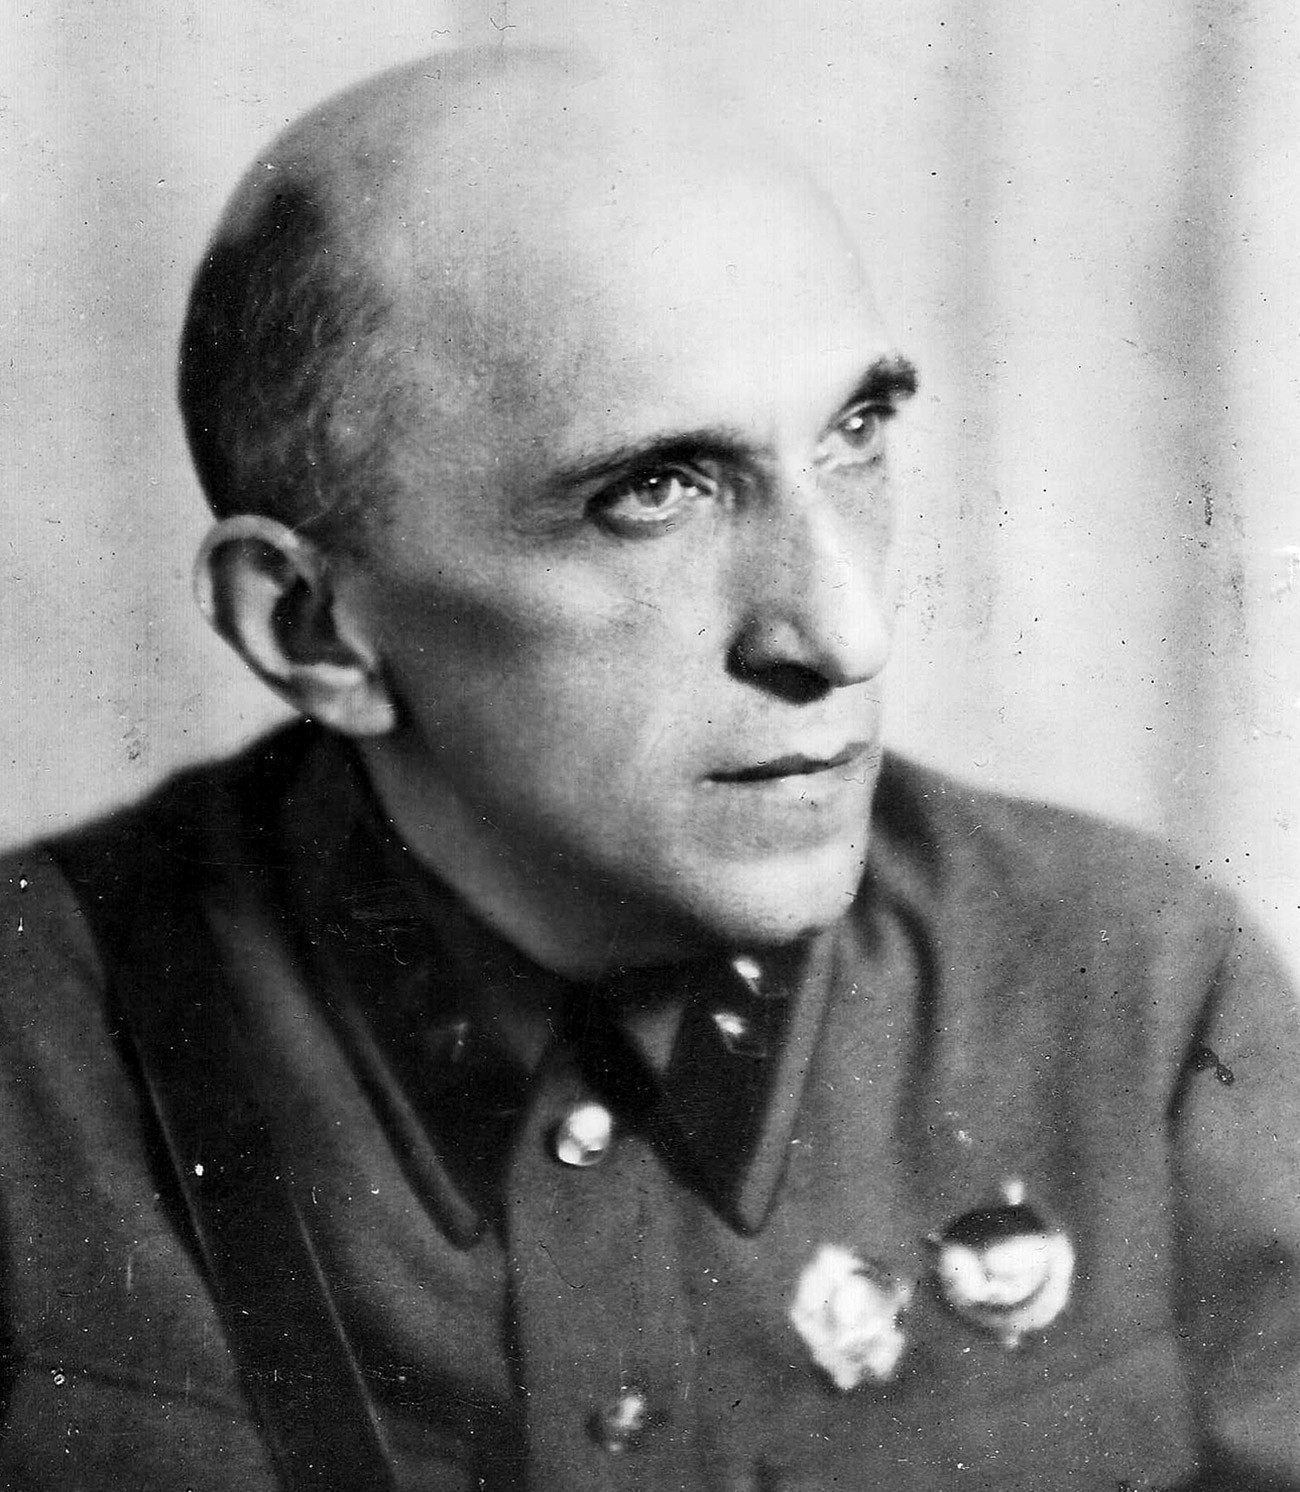 Јаков Исакович Серебрјански, 1941.